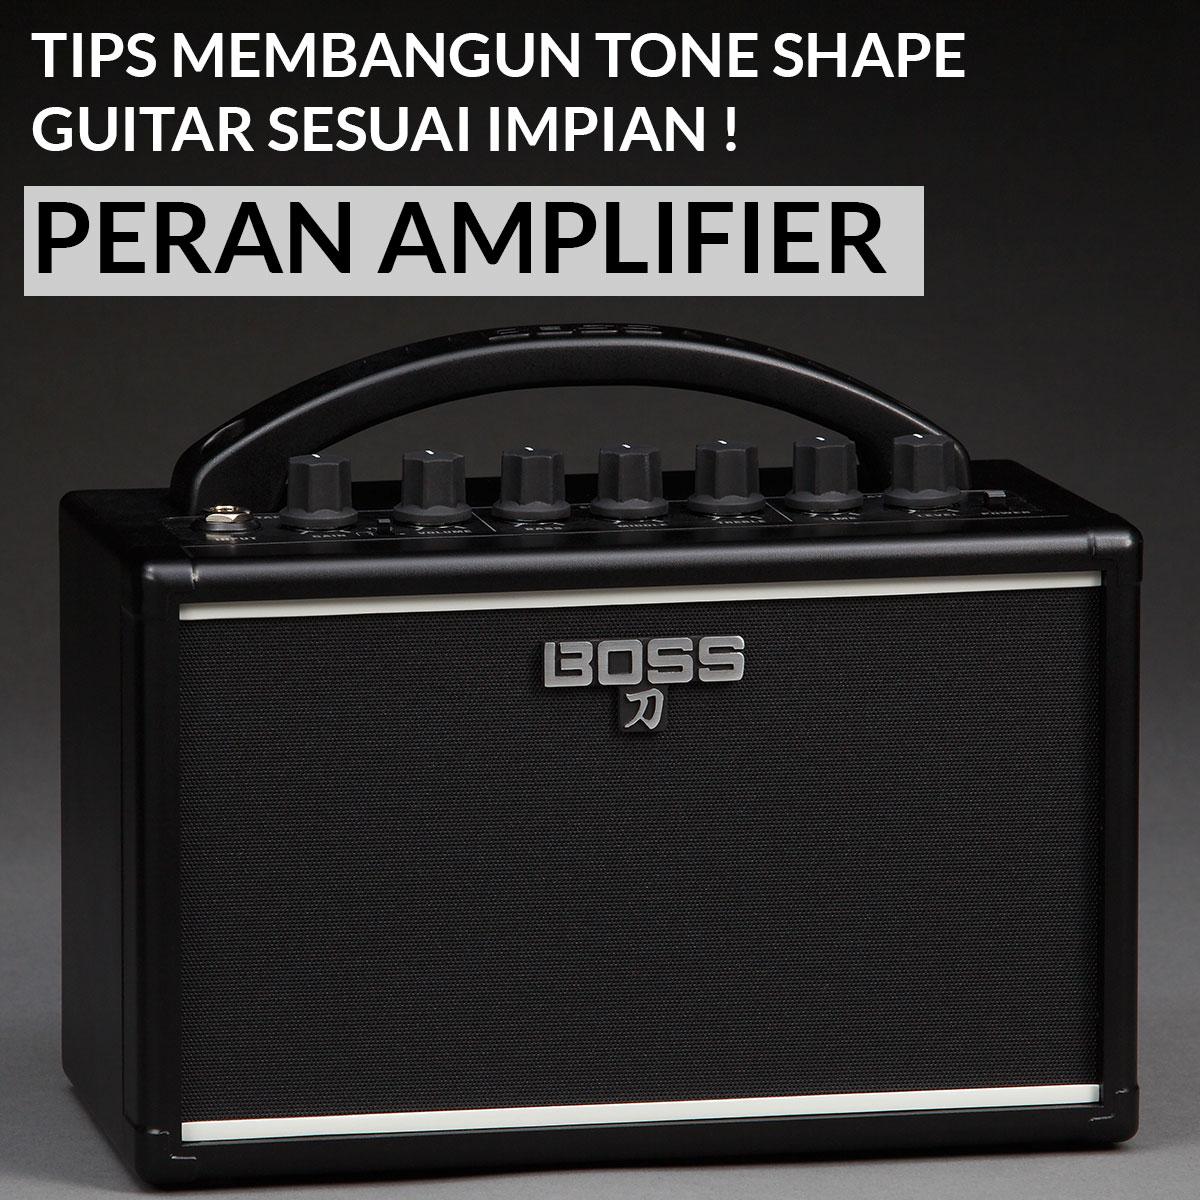 peran-ampilifier-membangun-tone-shape-guitar-